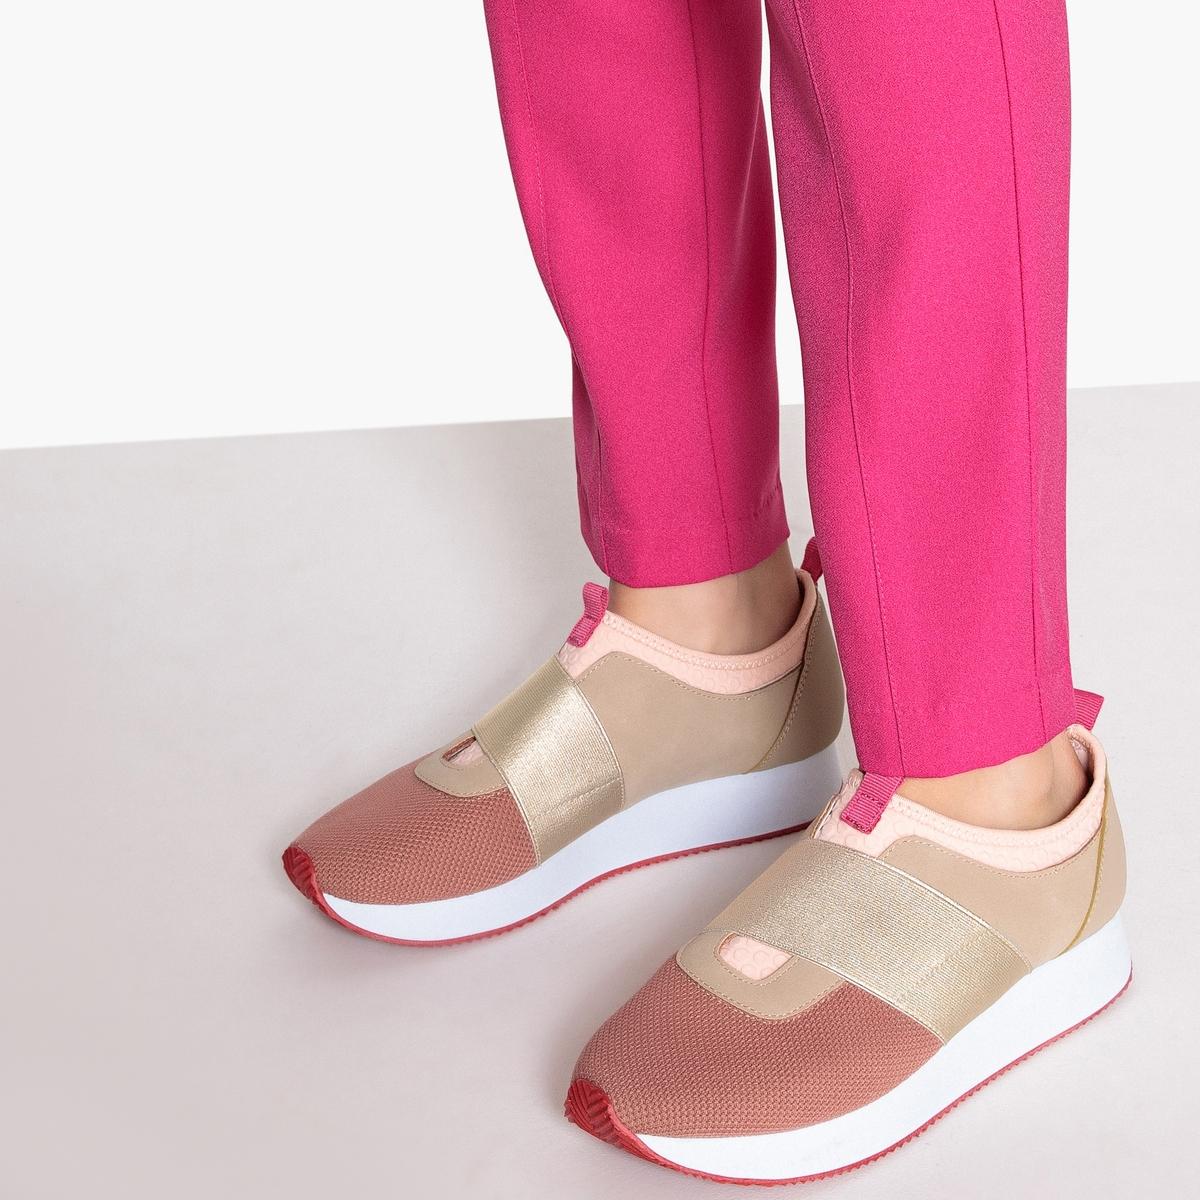 Zapatillas deportivas ultraligeras con detalle elástico